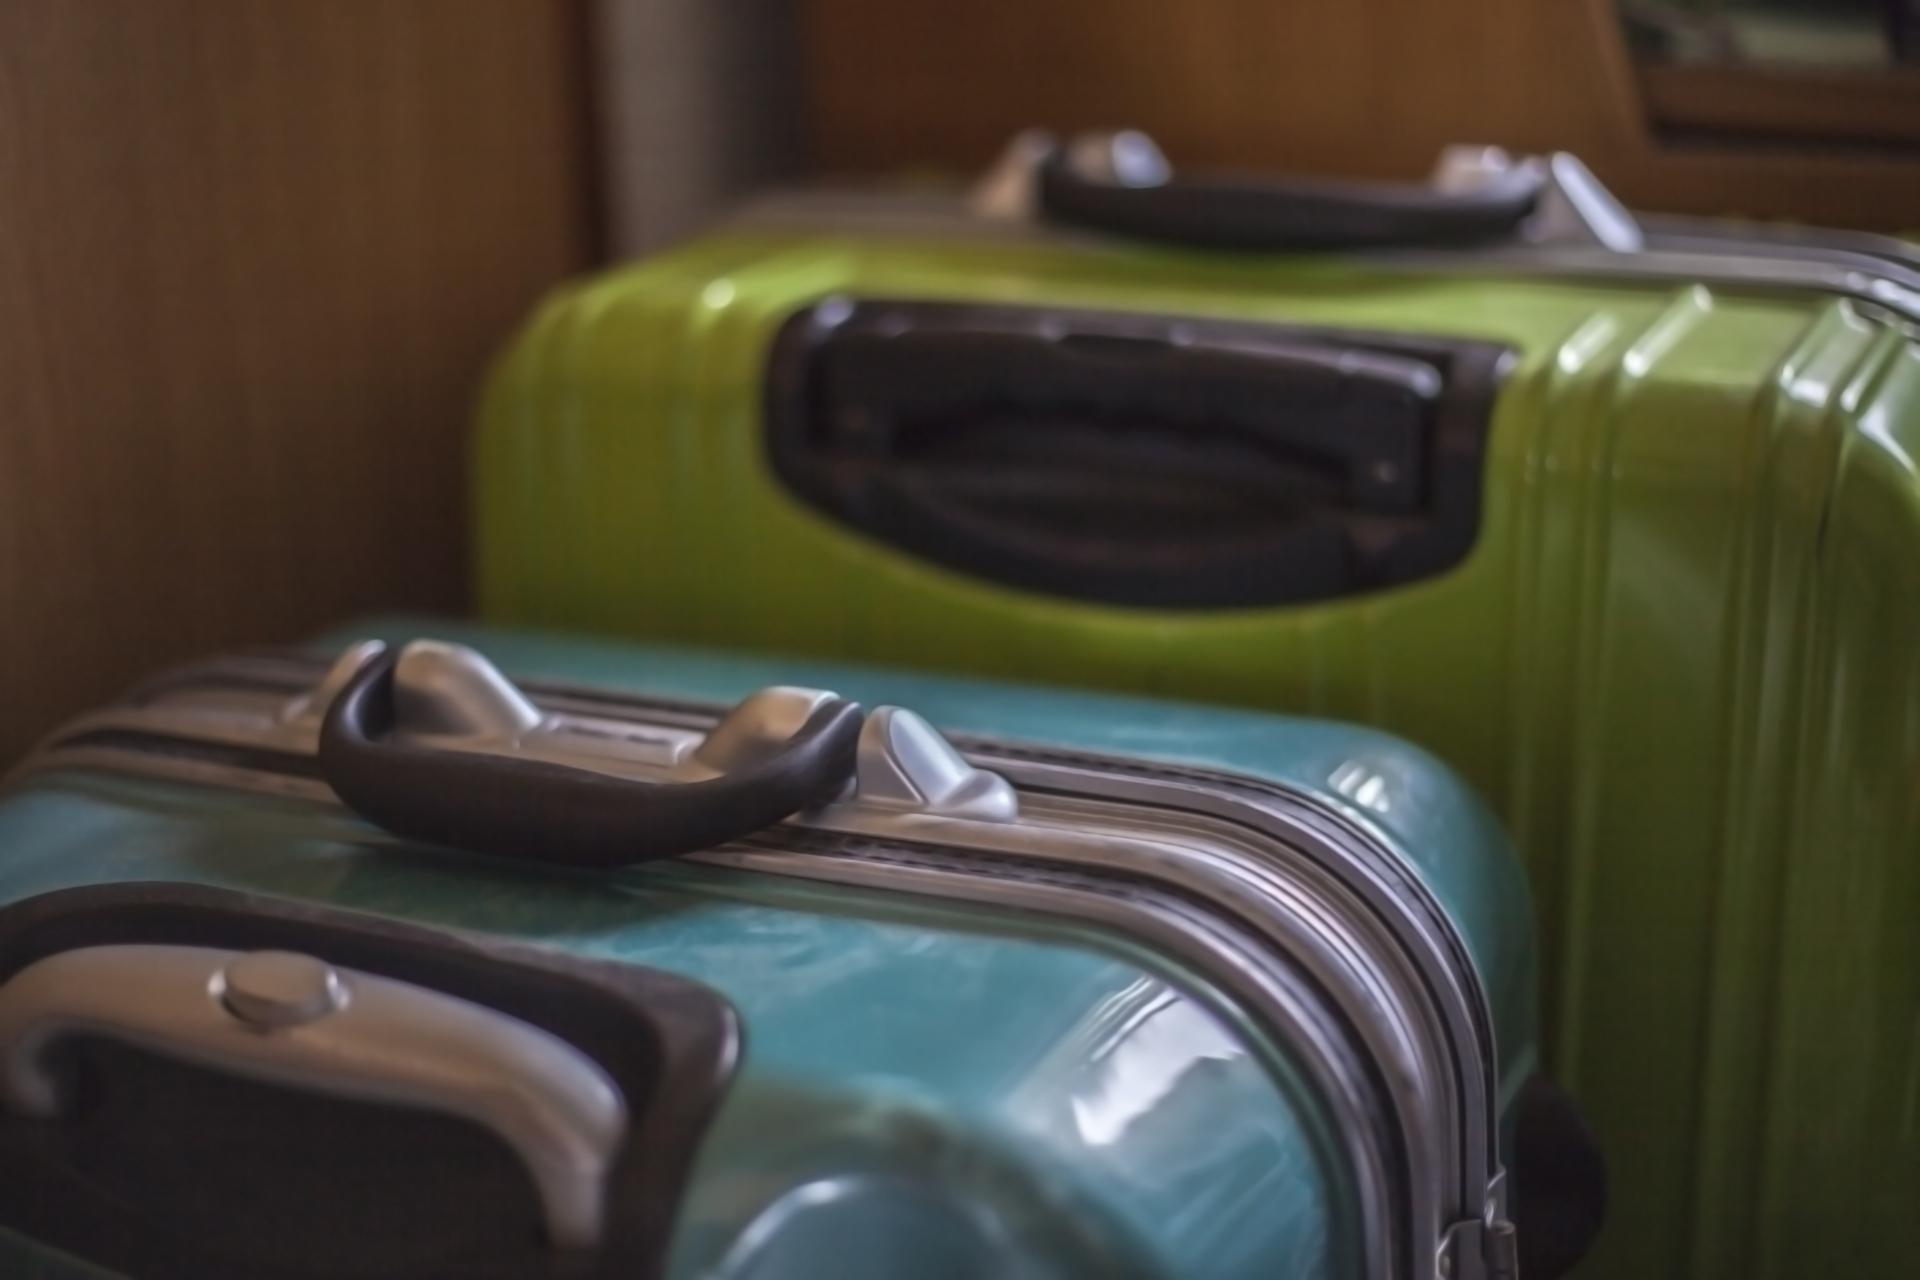 意外!!スーツケースの修理に海外旅行保険が適用された